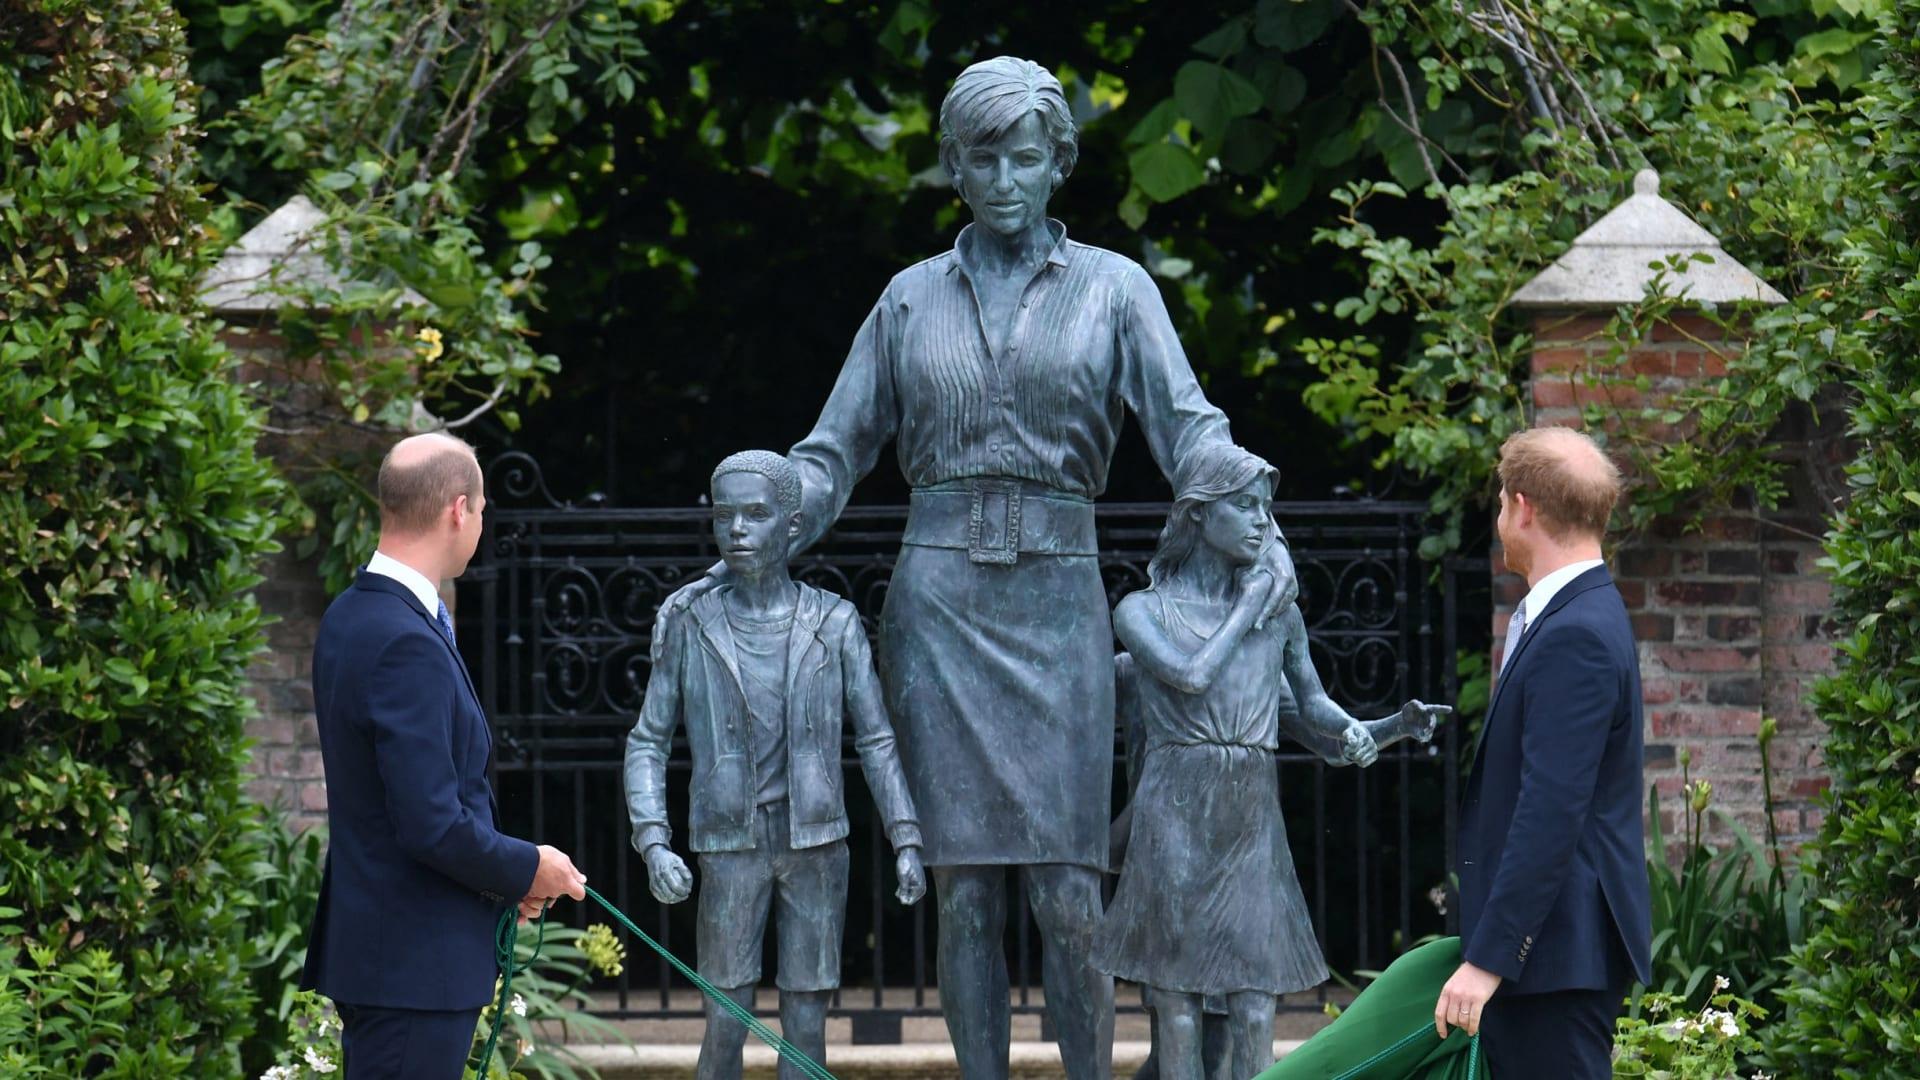 شاهد الأميران وليام وهاري يكشفان النقاب عن تمثال لوالدتهما الأميرة ديانا